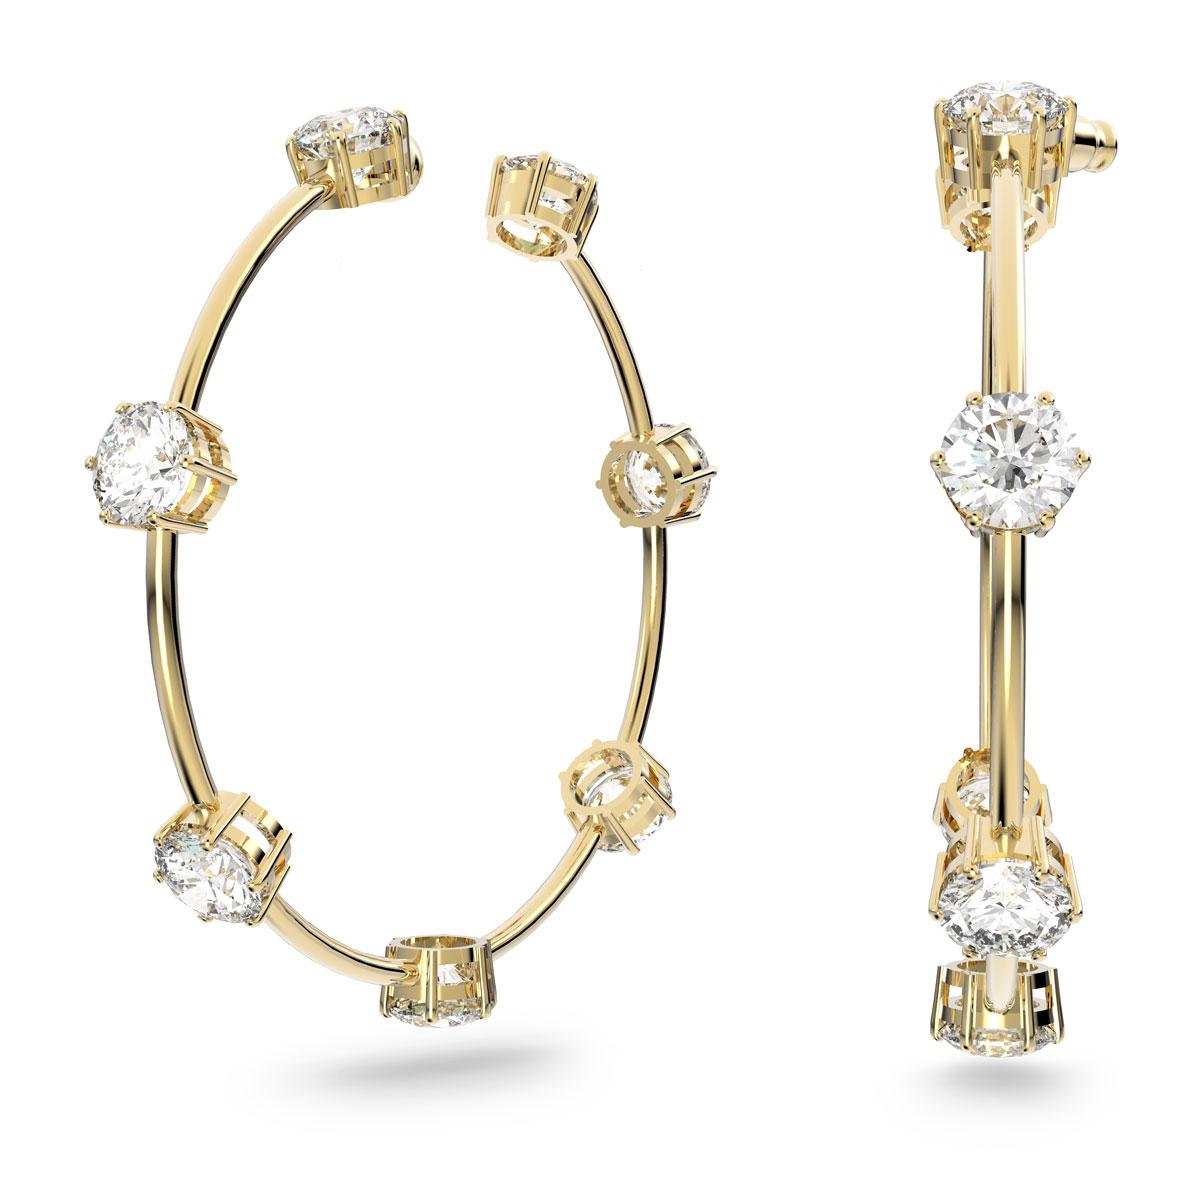 Swarovski Constella Hoop Earrings, White, Gold-Tone Plated, Pair